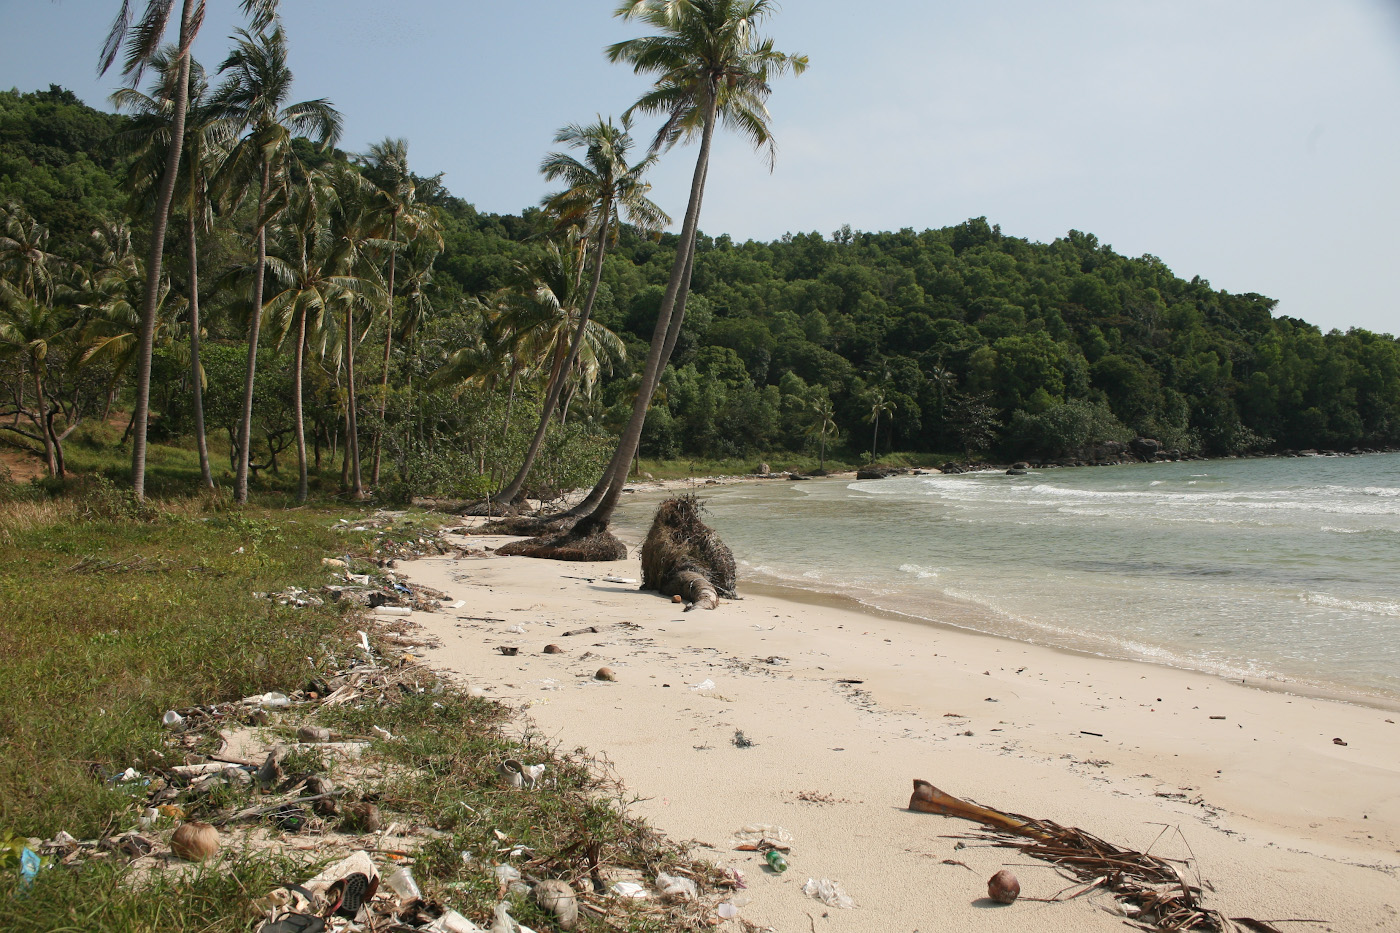 Фотография 10. Грязно ли на пляжах Вьетнама? Вот как выглядит мусор на пляже Бай Сао острова Фукуок. 1/500, 9.0, 320, 80.